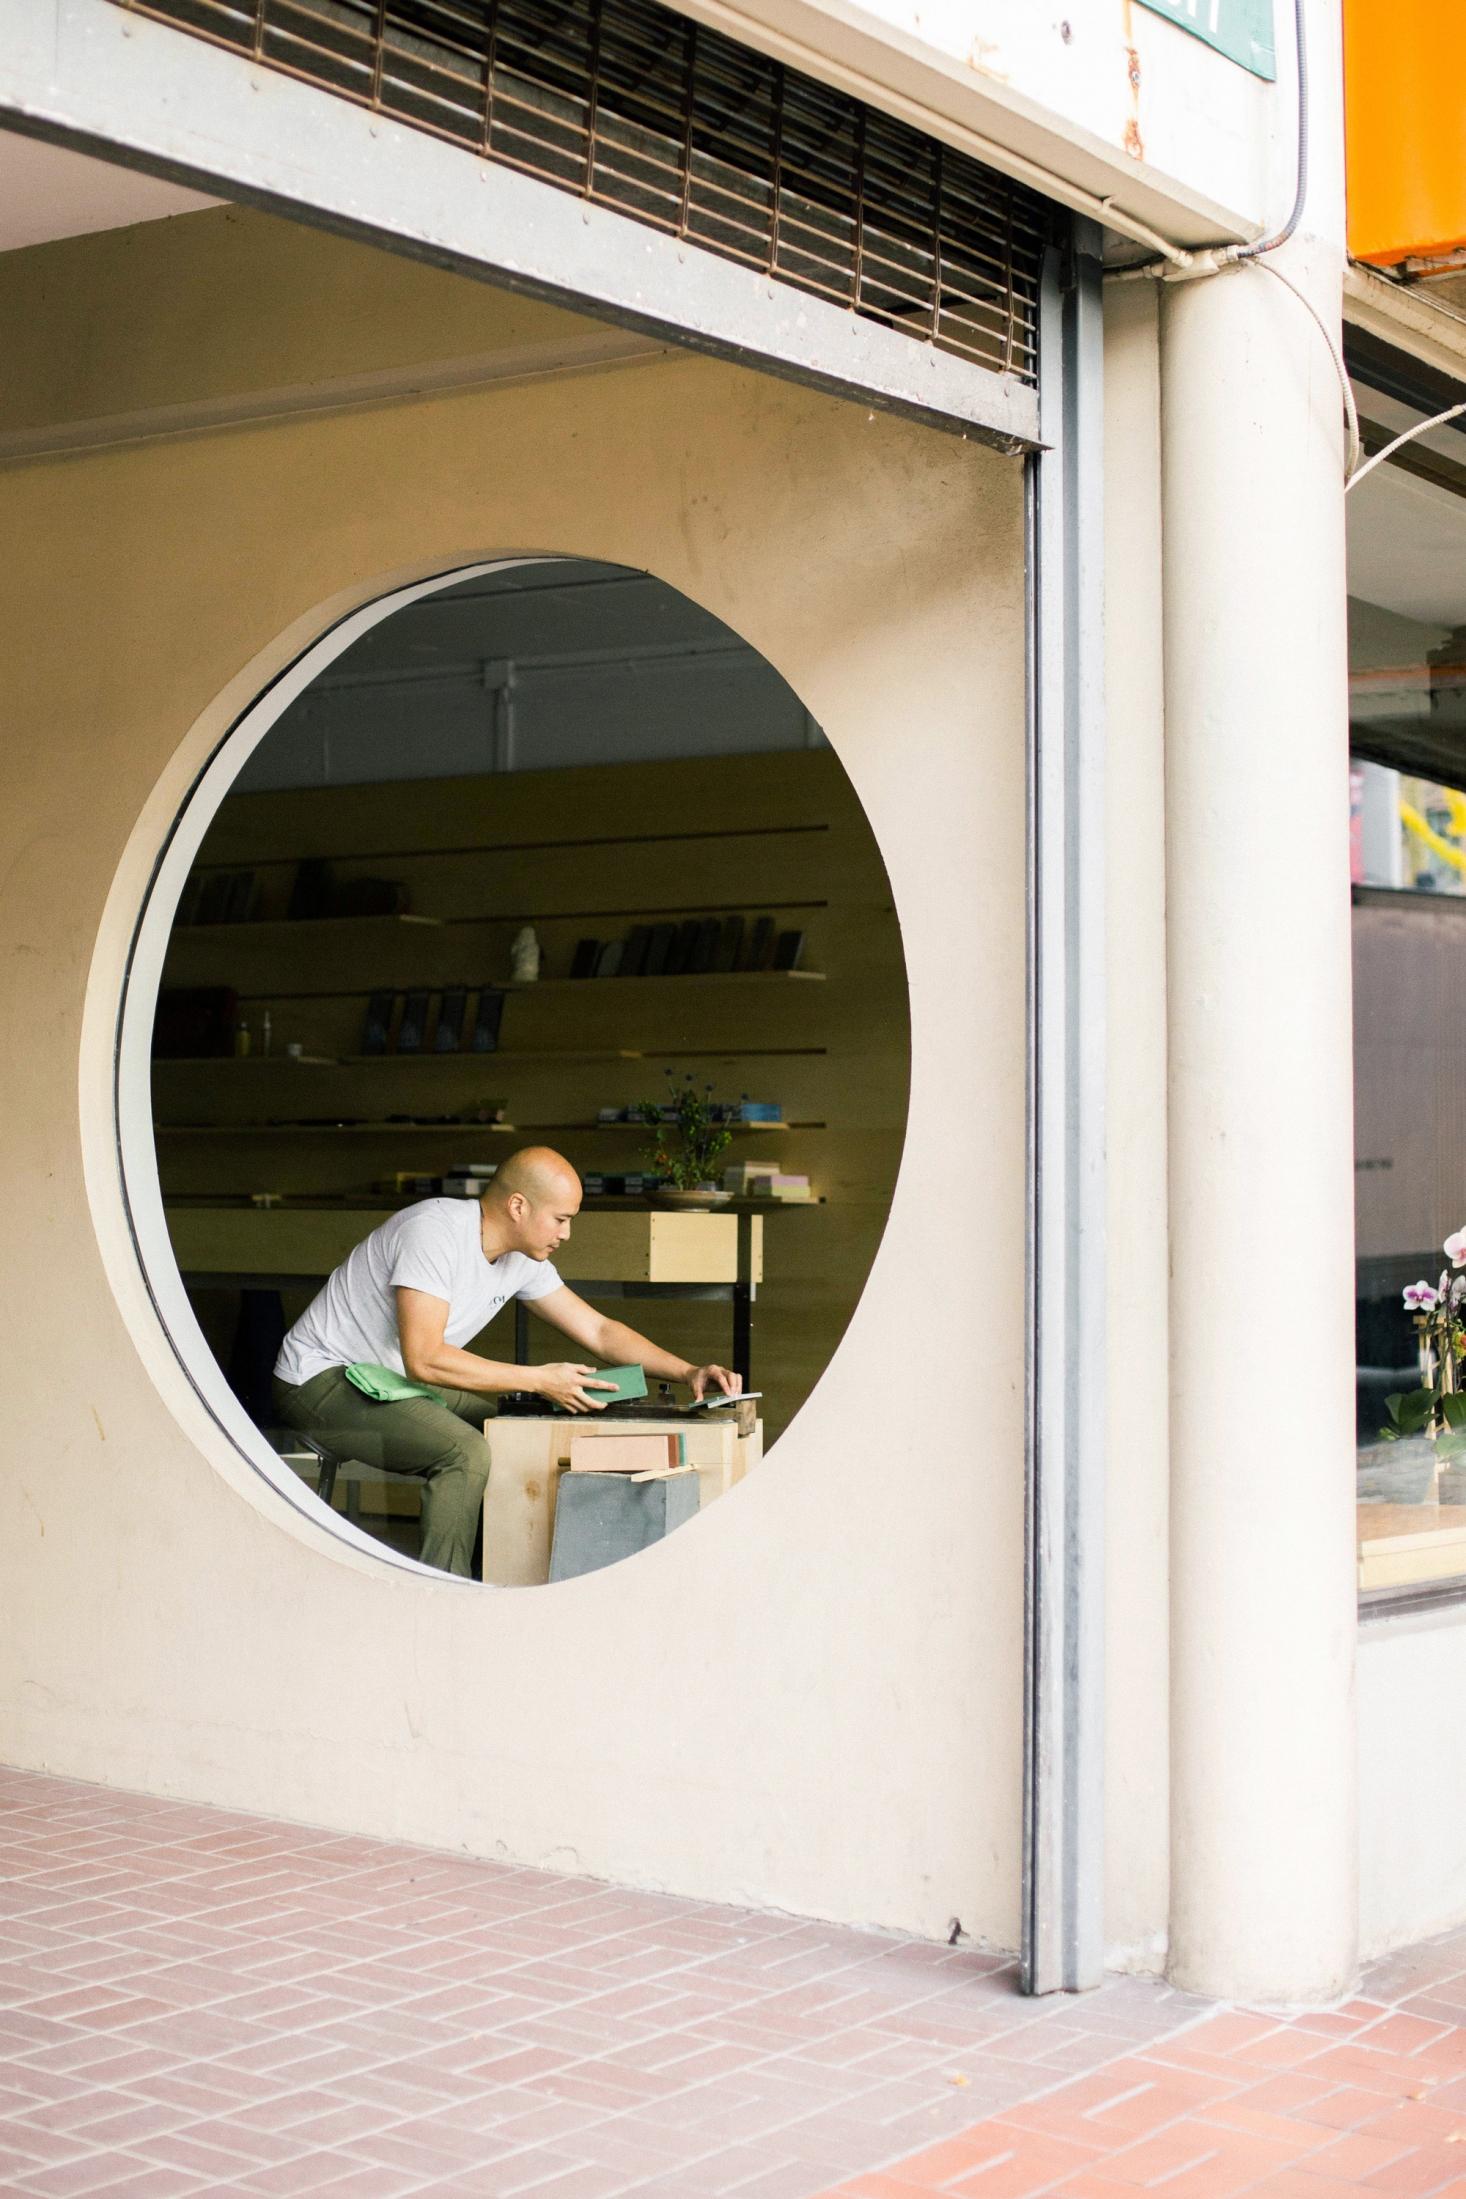 scott-scott-architects-ai-om-knives-circular-window-1466x2199.jpg